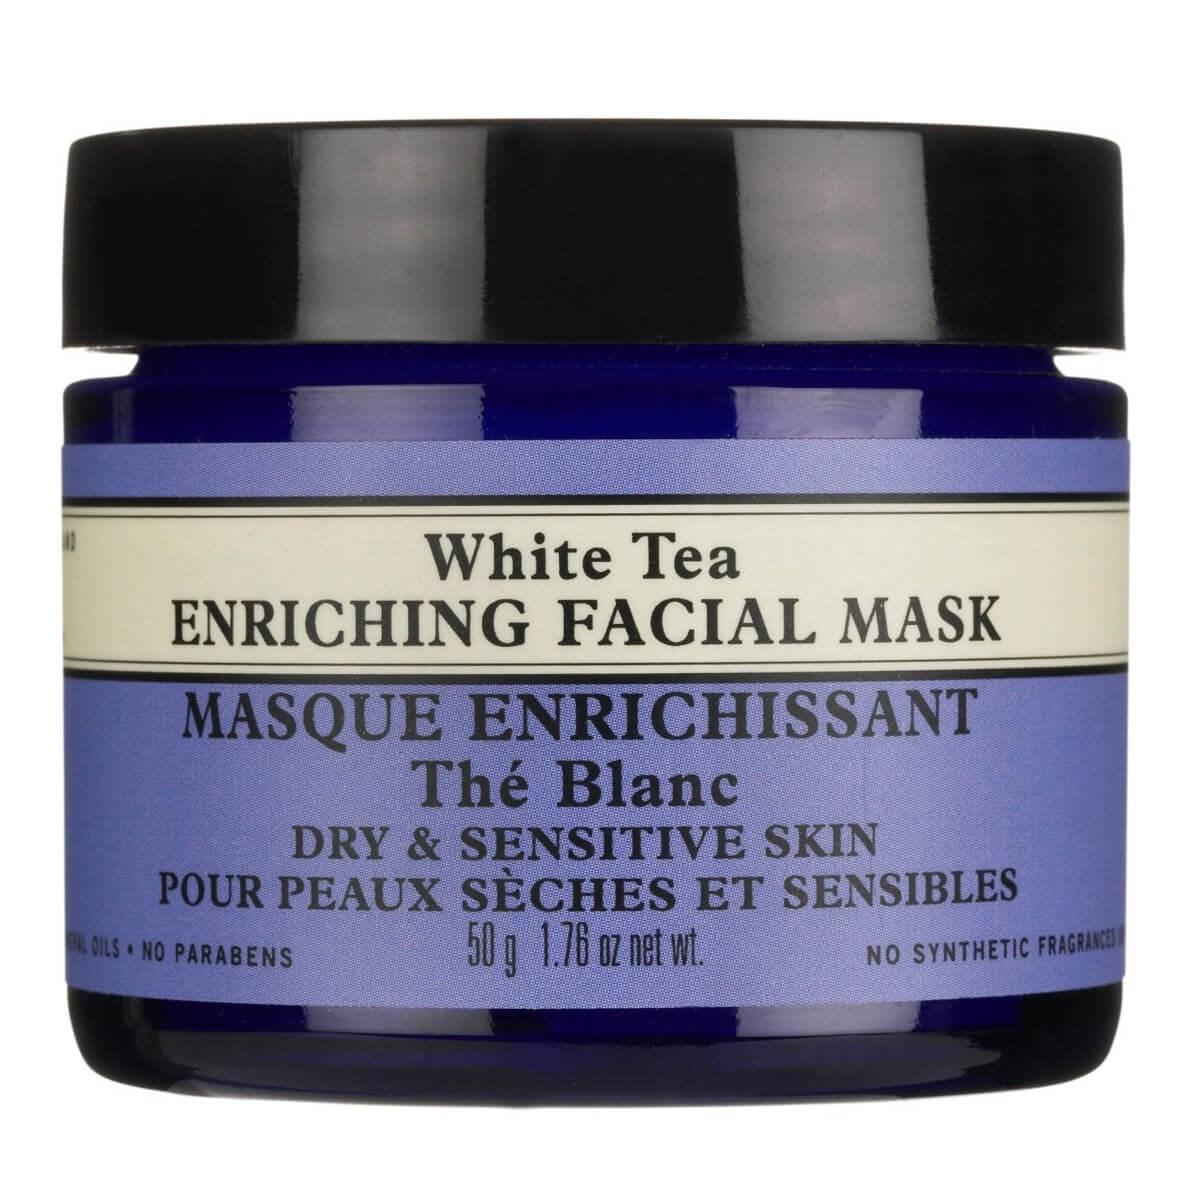 Neal's Yard Remedies White Tea Enriching Facial Mask